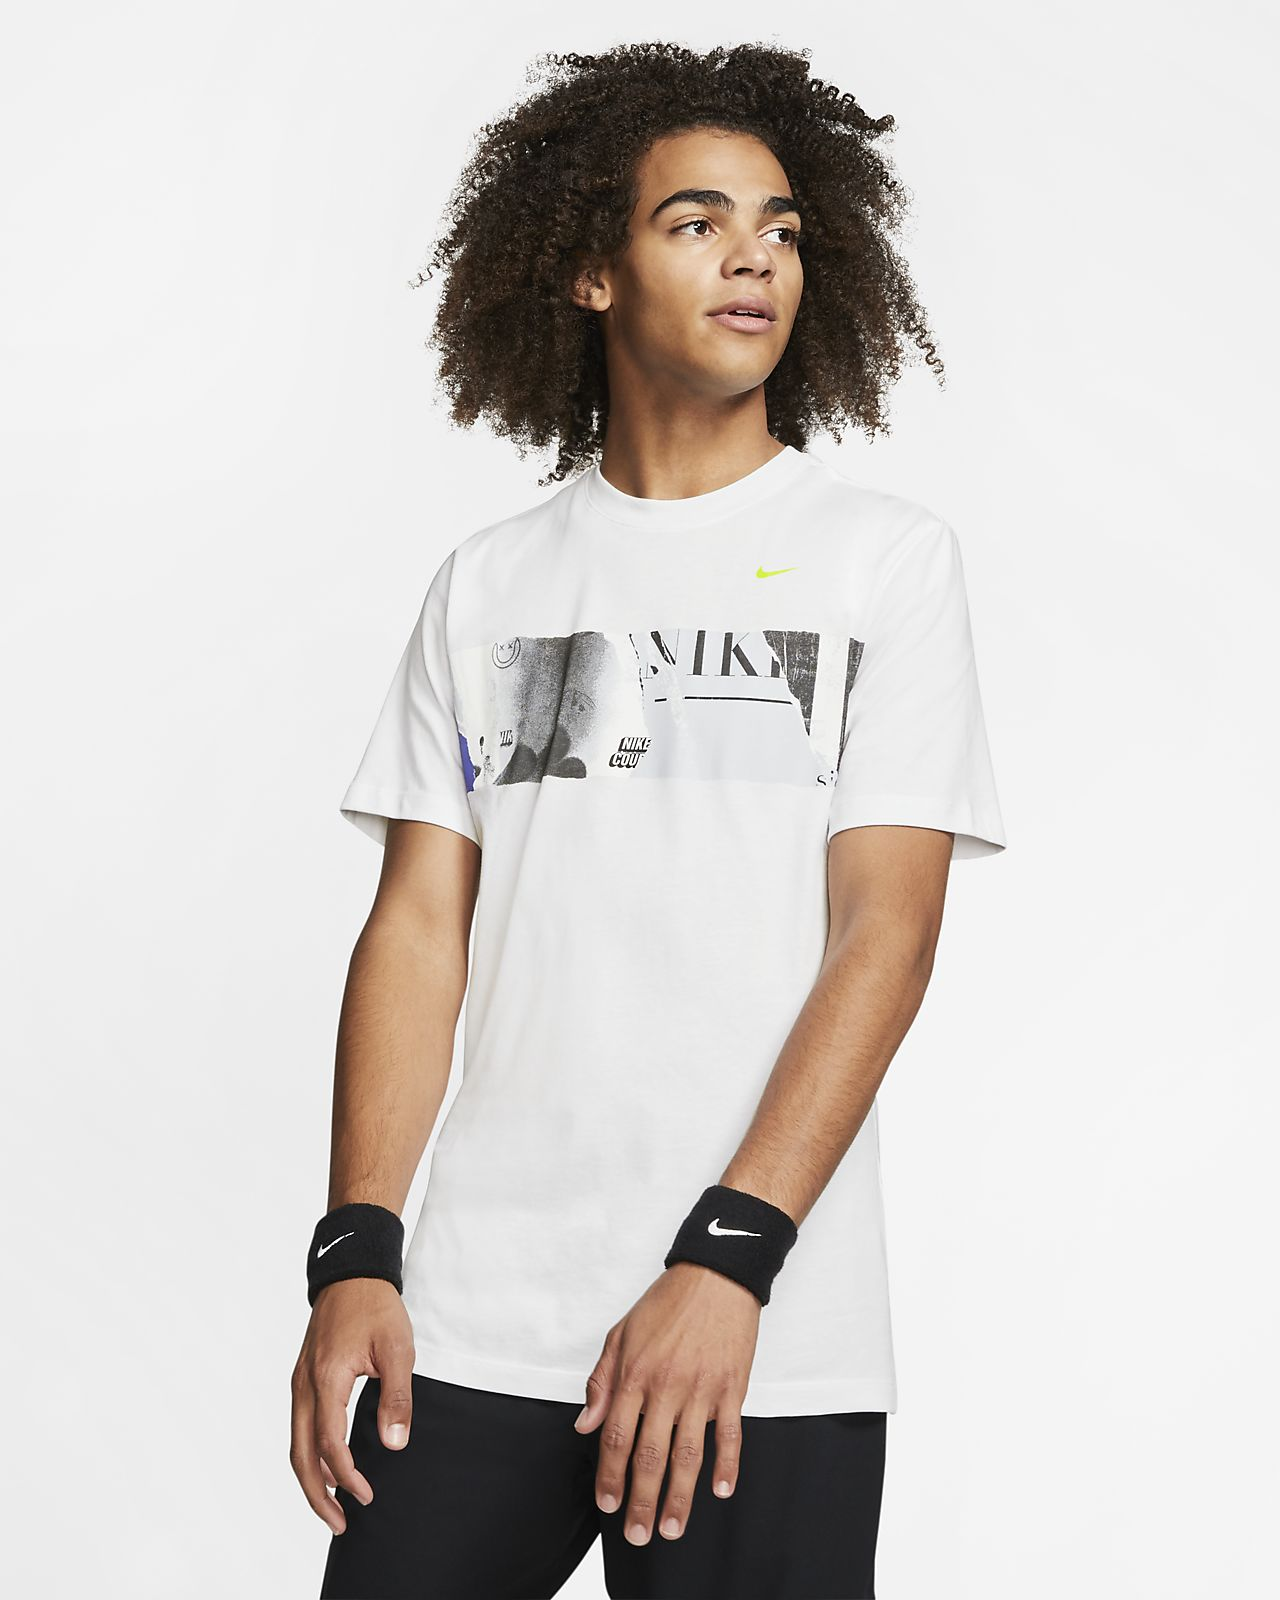 Pánské tenisové tričko NikeCourt s grafickým motivem